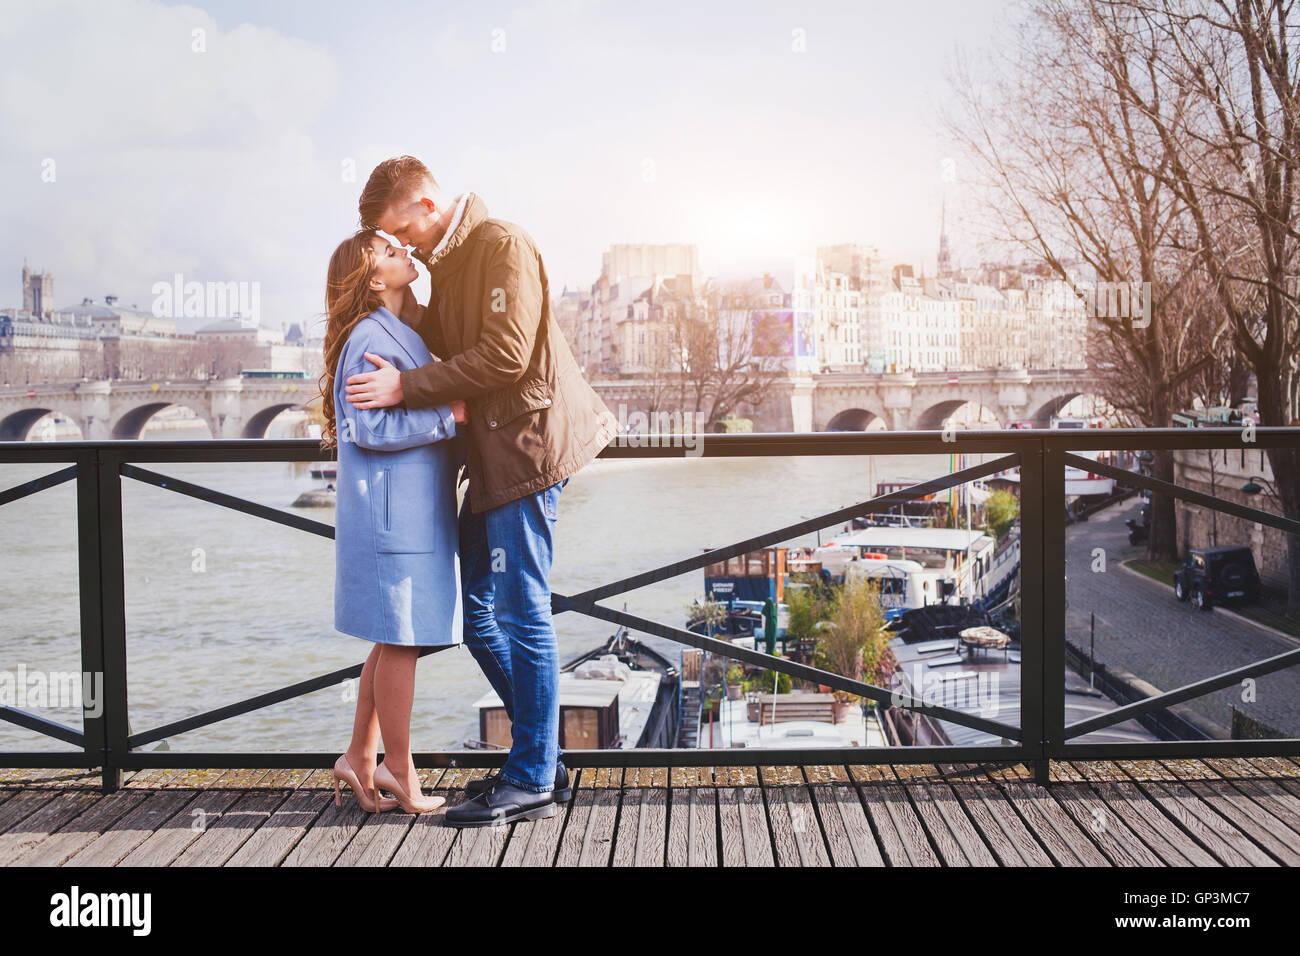 Fecha romántica, la joven pareja besándose en el puente en París Imagen De Stock